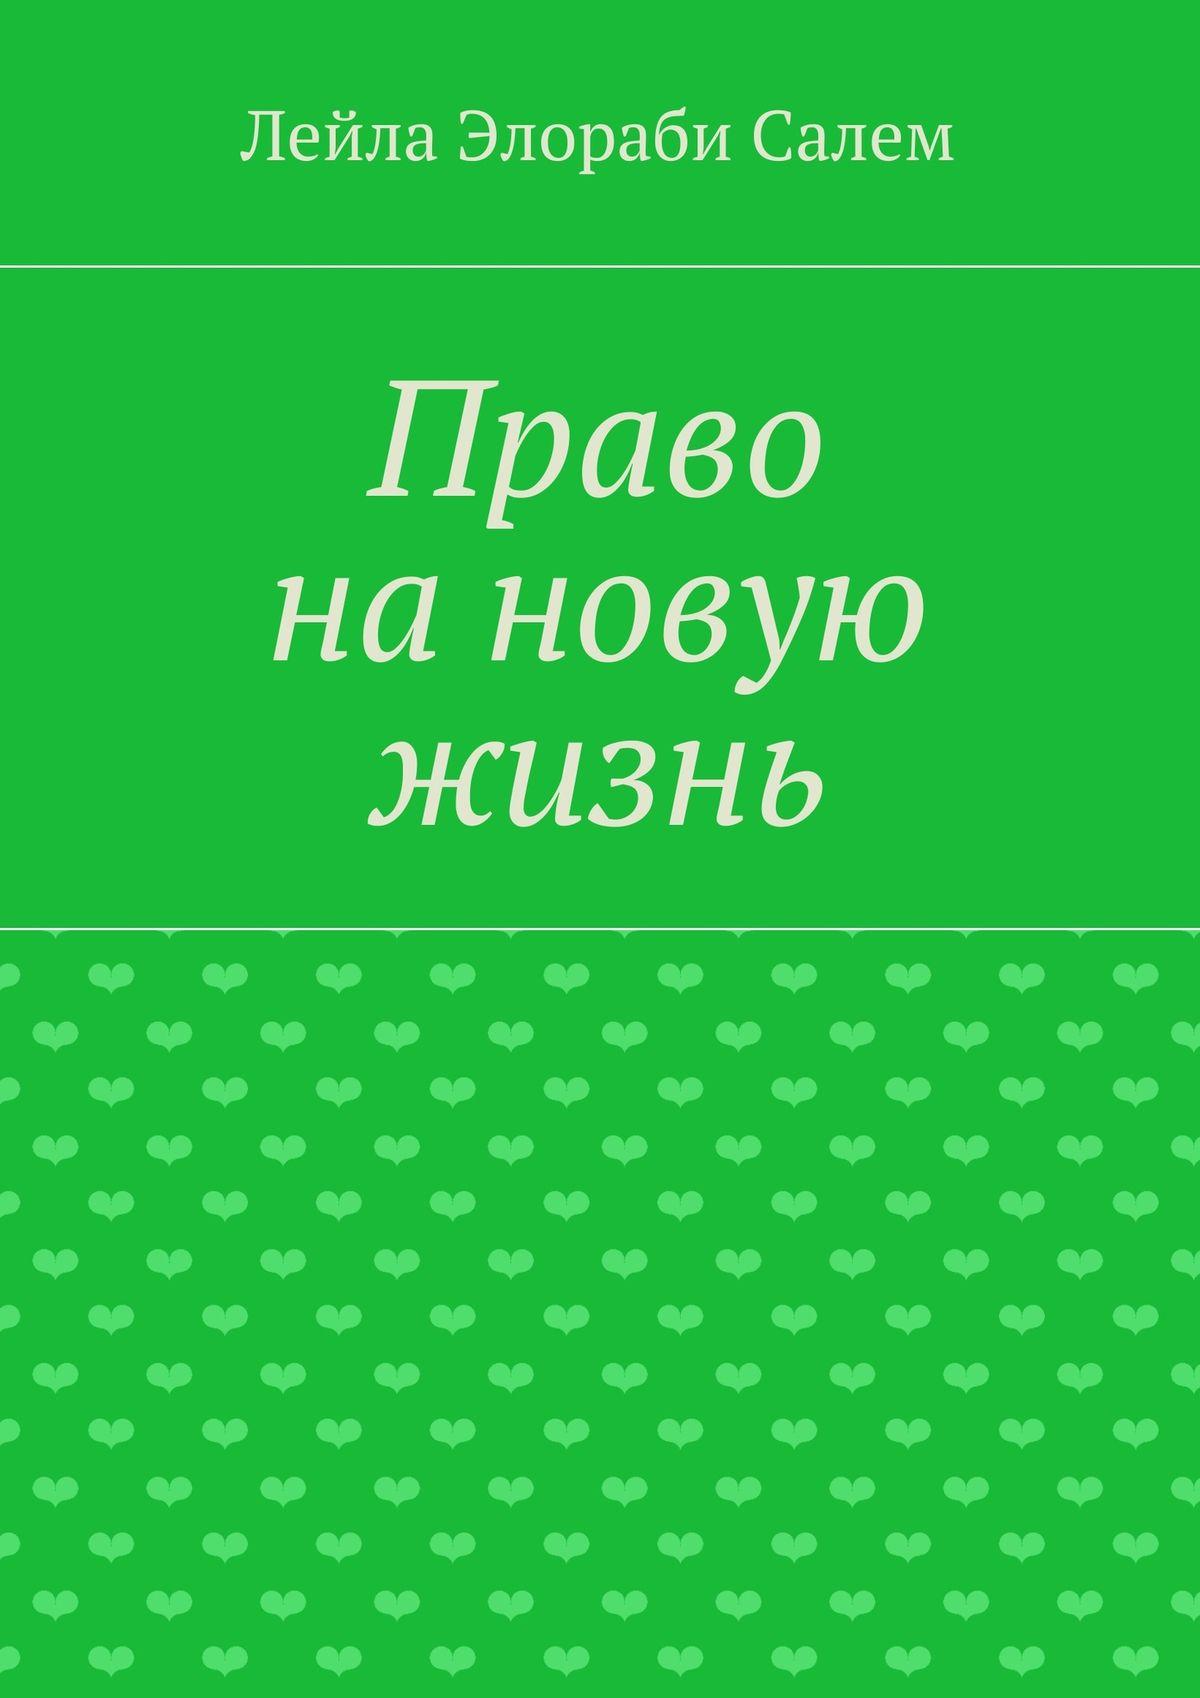 цена Лейла Элораби Салем Право нановую жизнь